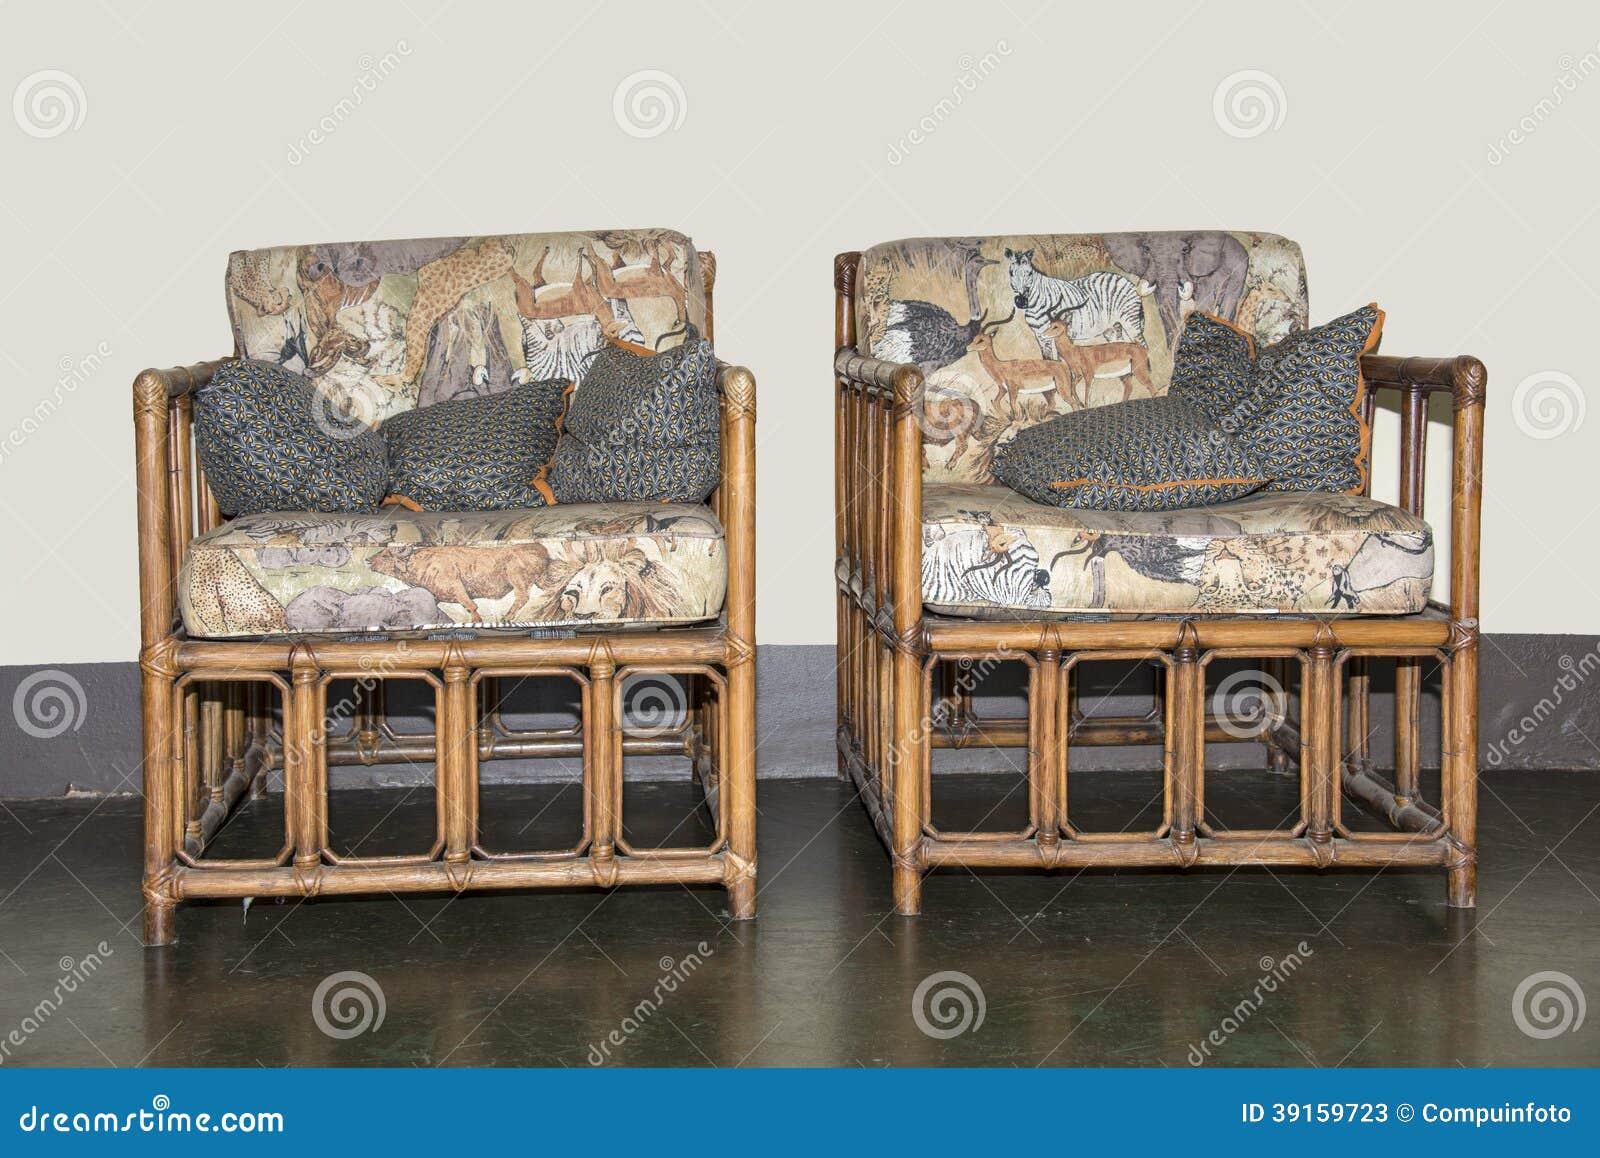 Handmade Bamboo Furniture Stock Image Image Of Lion 39159723 # Muebles Debambu